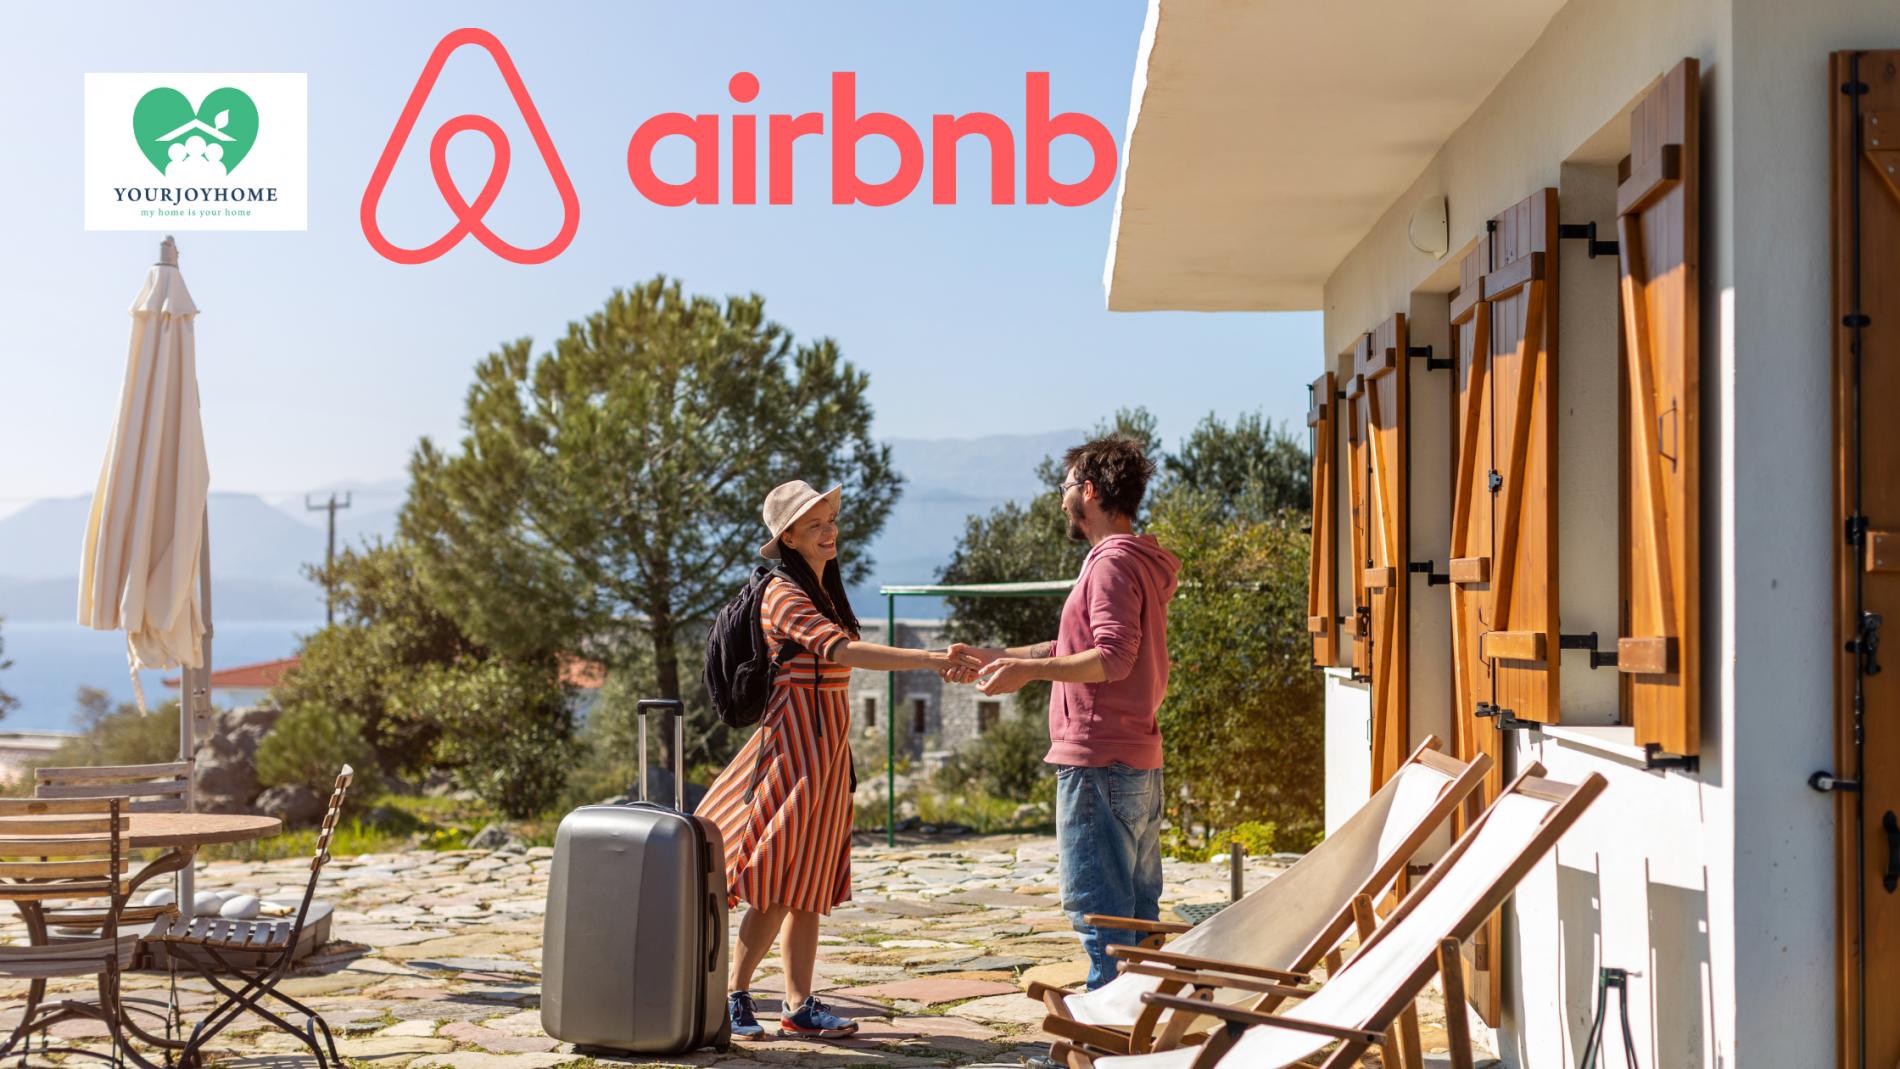 cos è airbnb